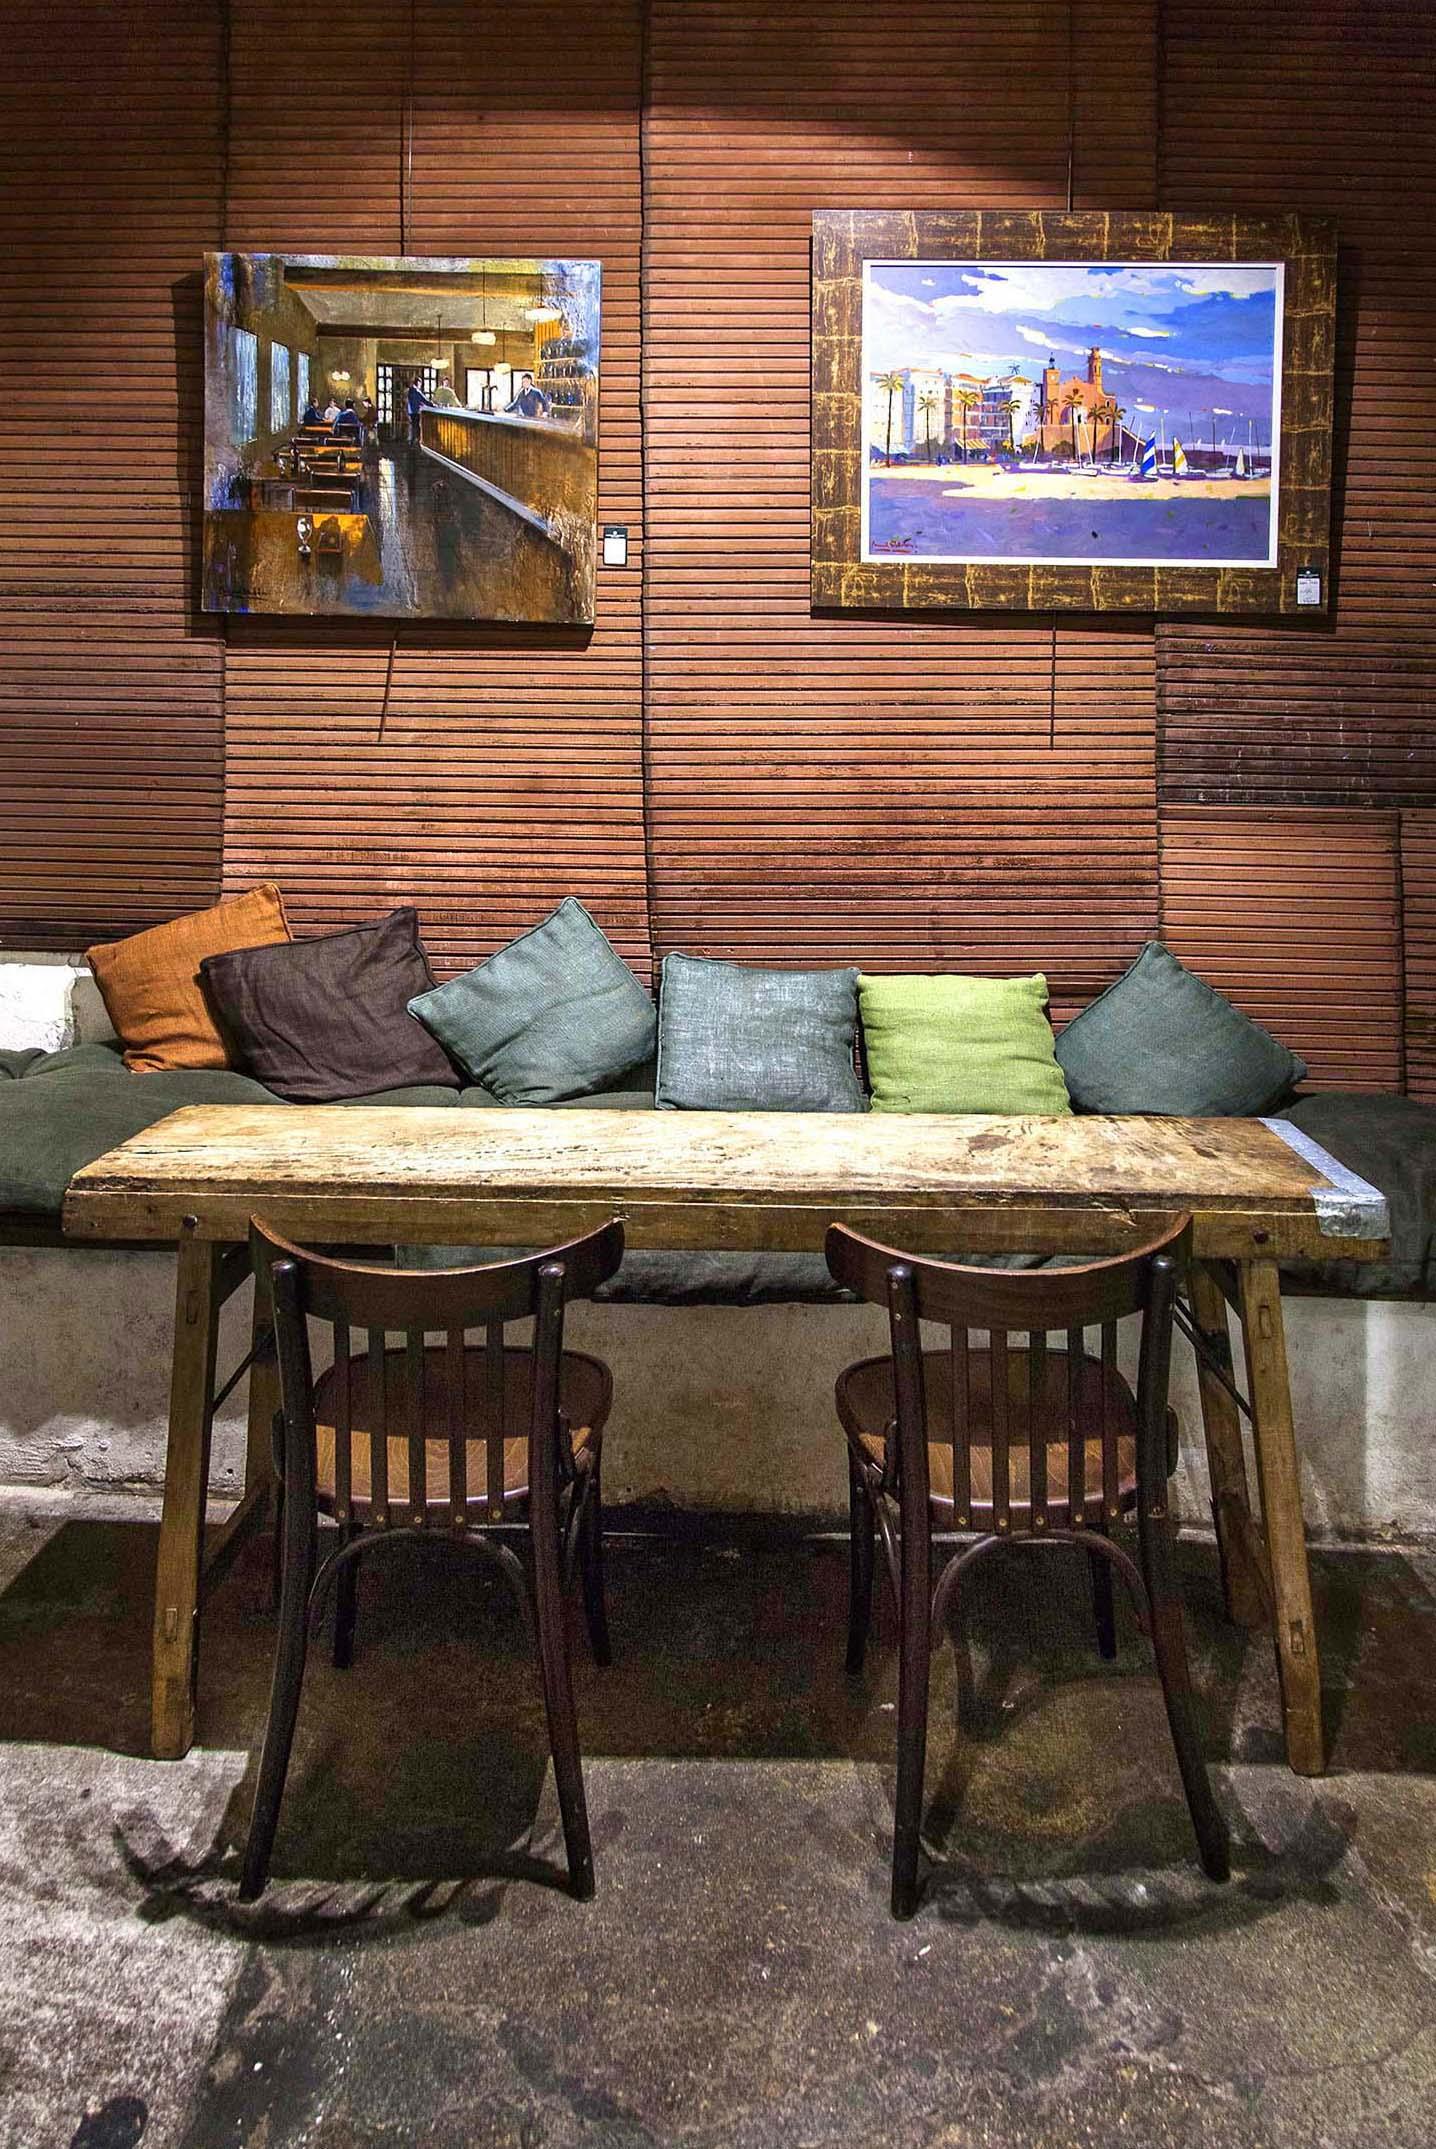 Estilo vintage retro r stico bares cafes delikatissen - Decoracion de restaurantes rusticos ...